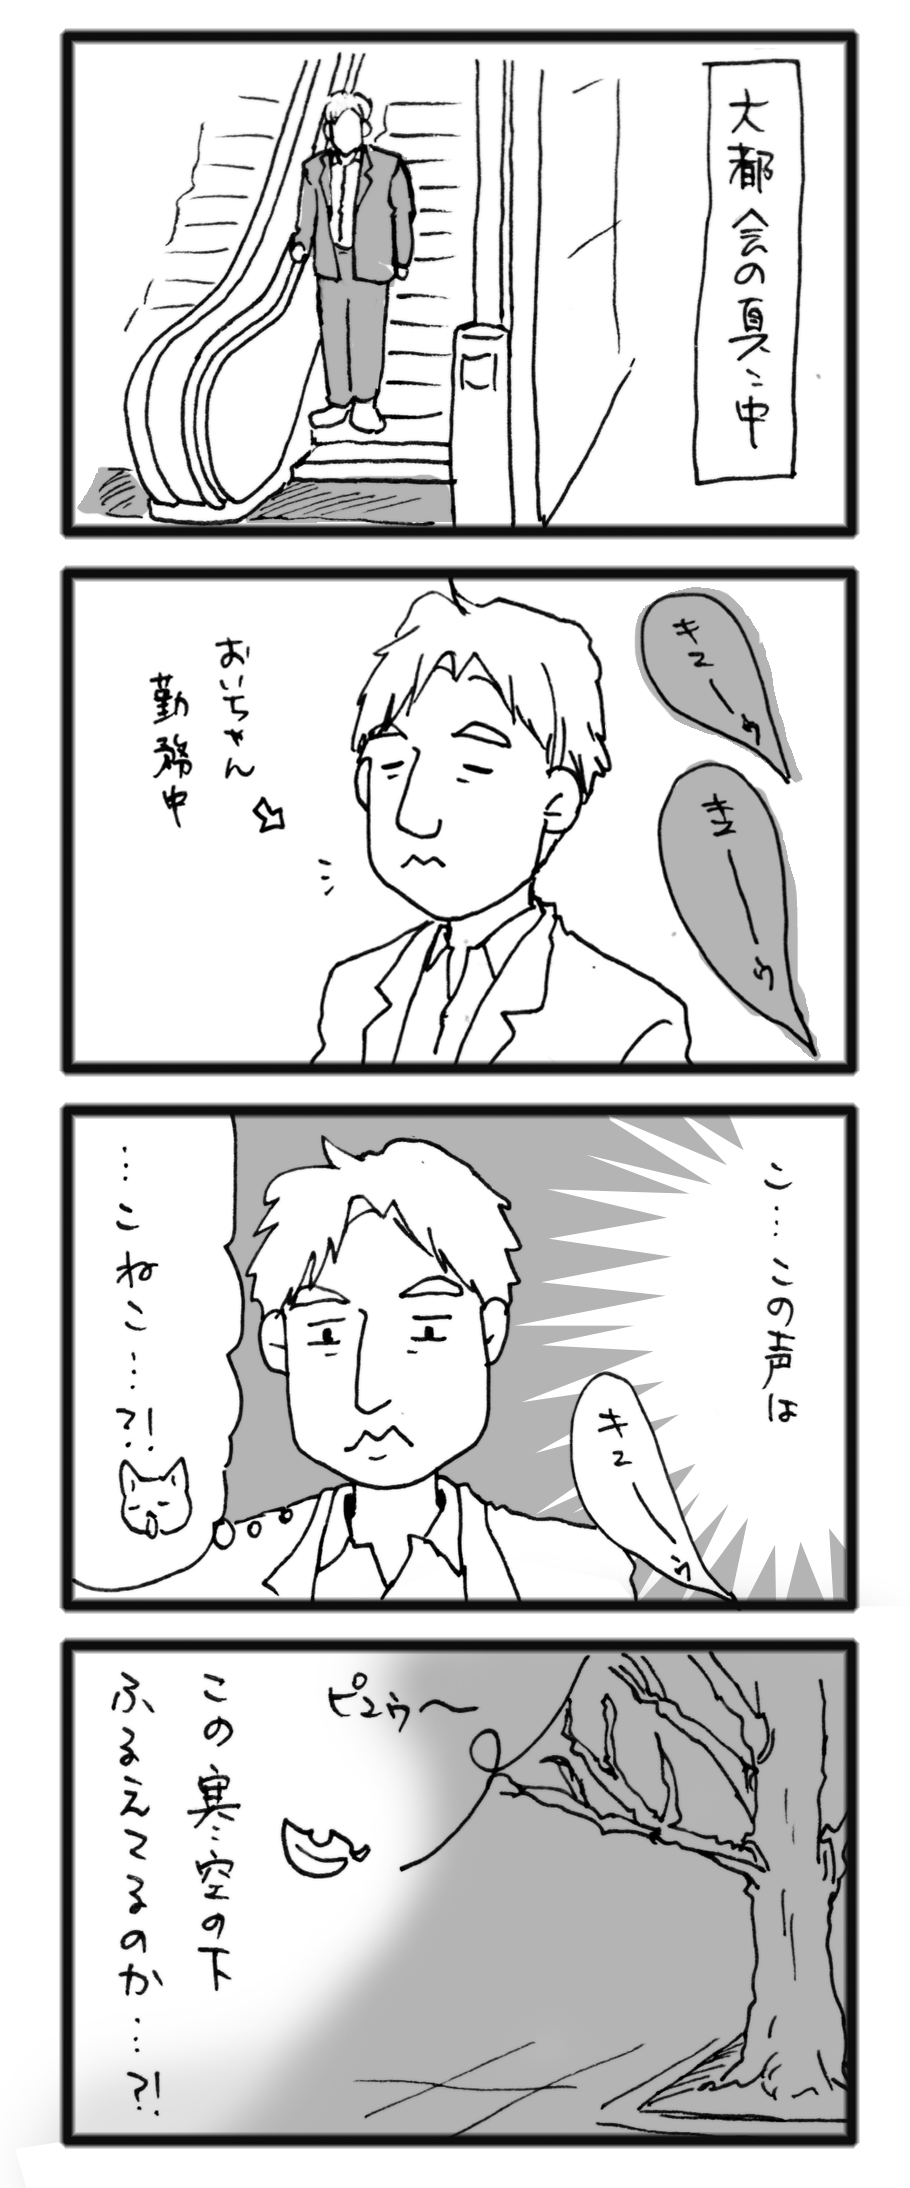 comic_14021501.jpg